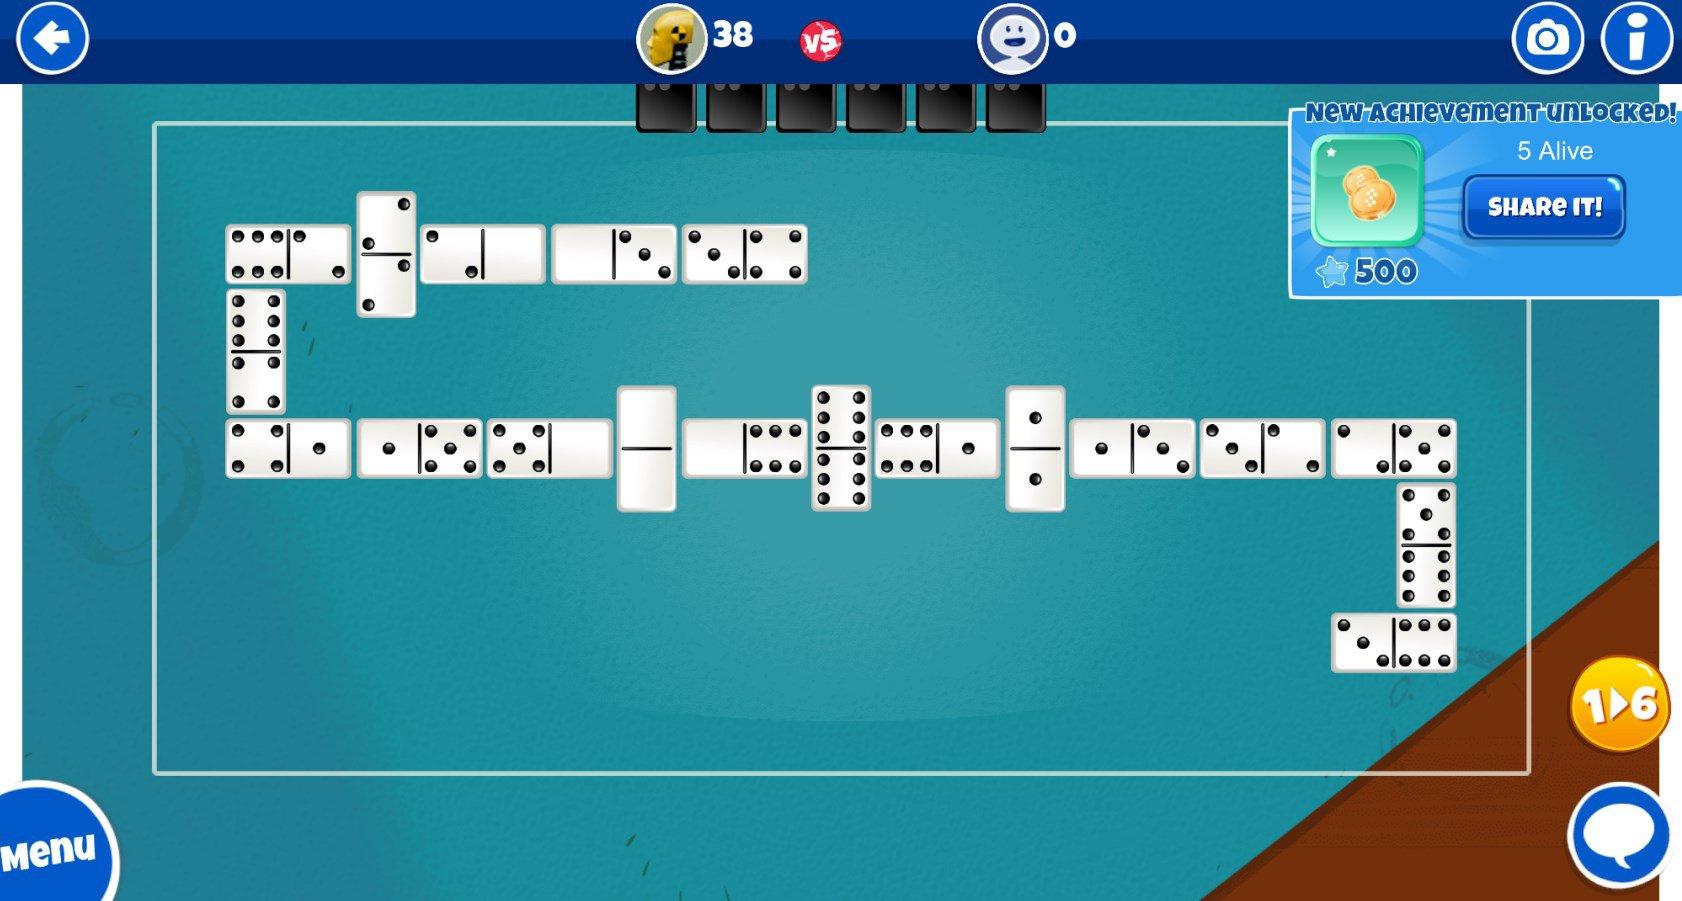 Domino Online 2.10.0 - Télécharger Pour Android Apk Gratuitement pour Jeux Domino Gratuit En Ligne